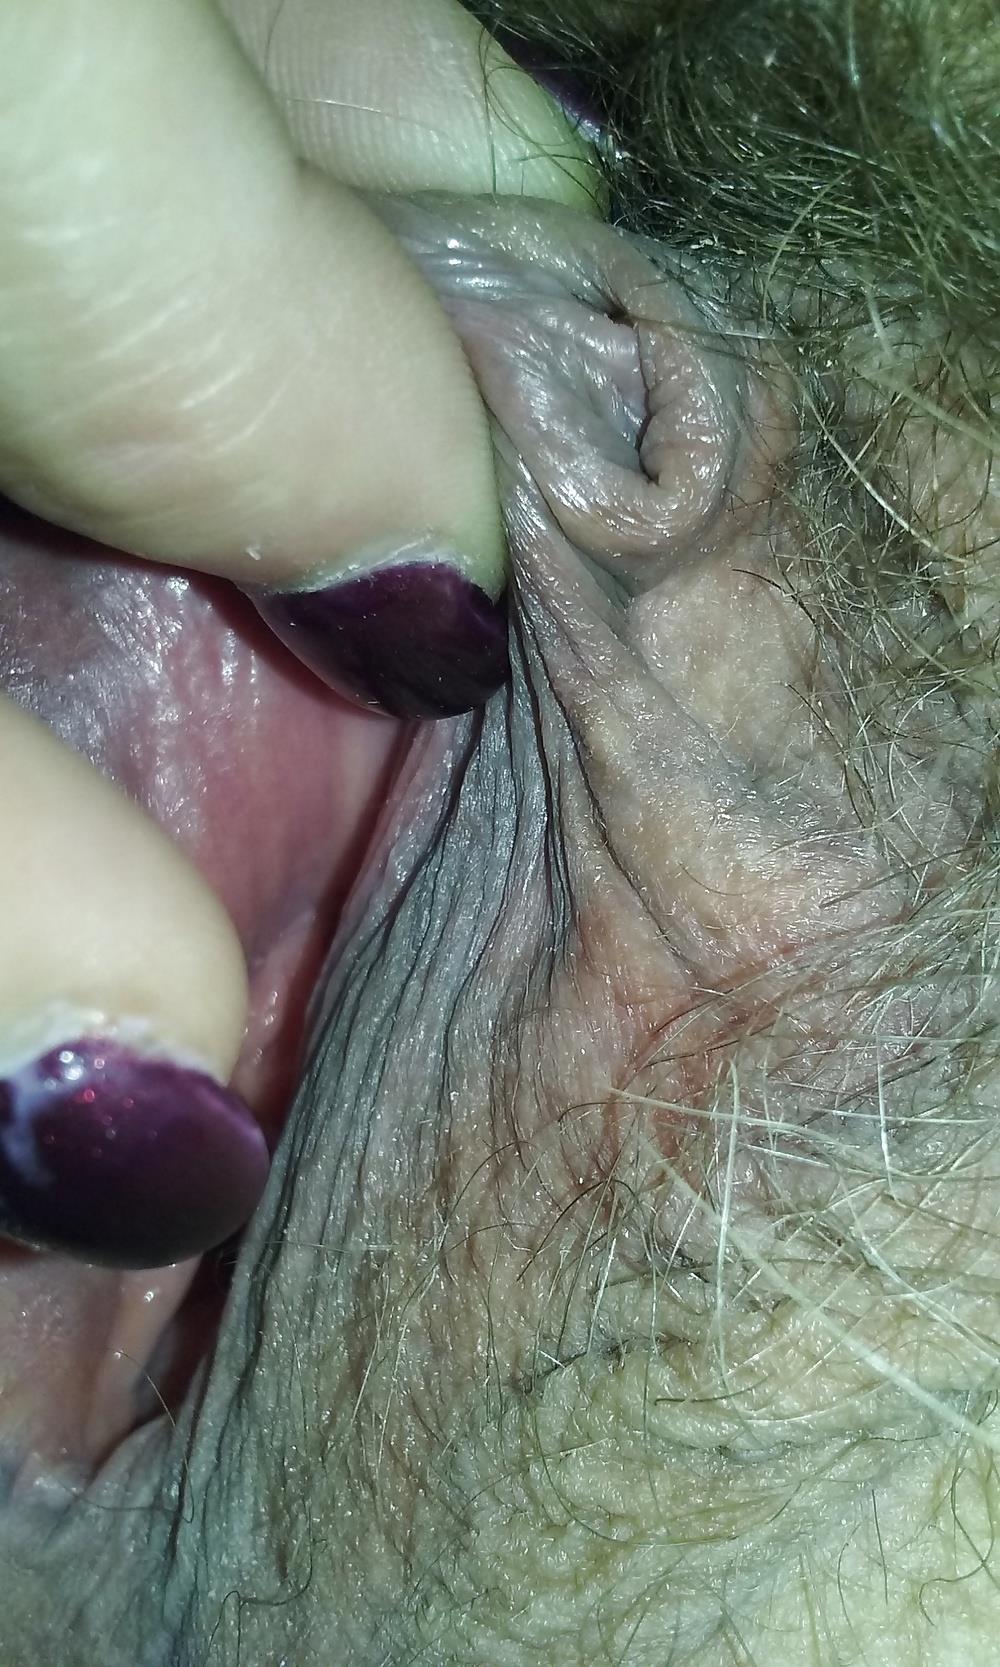 Juicy clit porn-3897